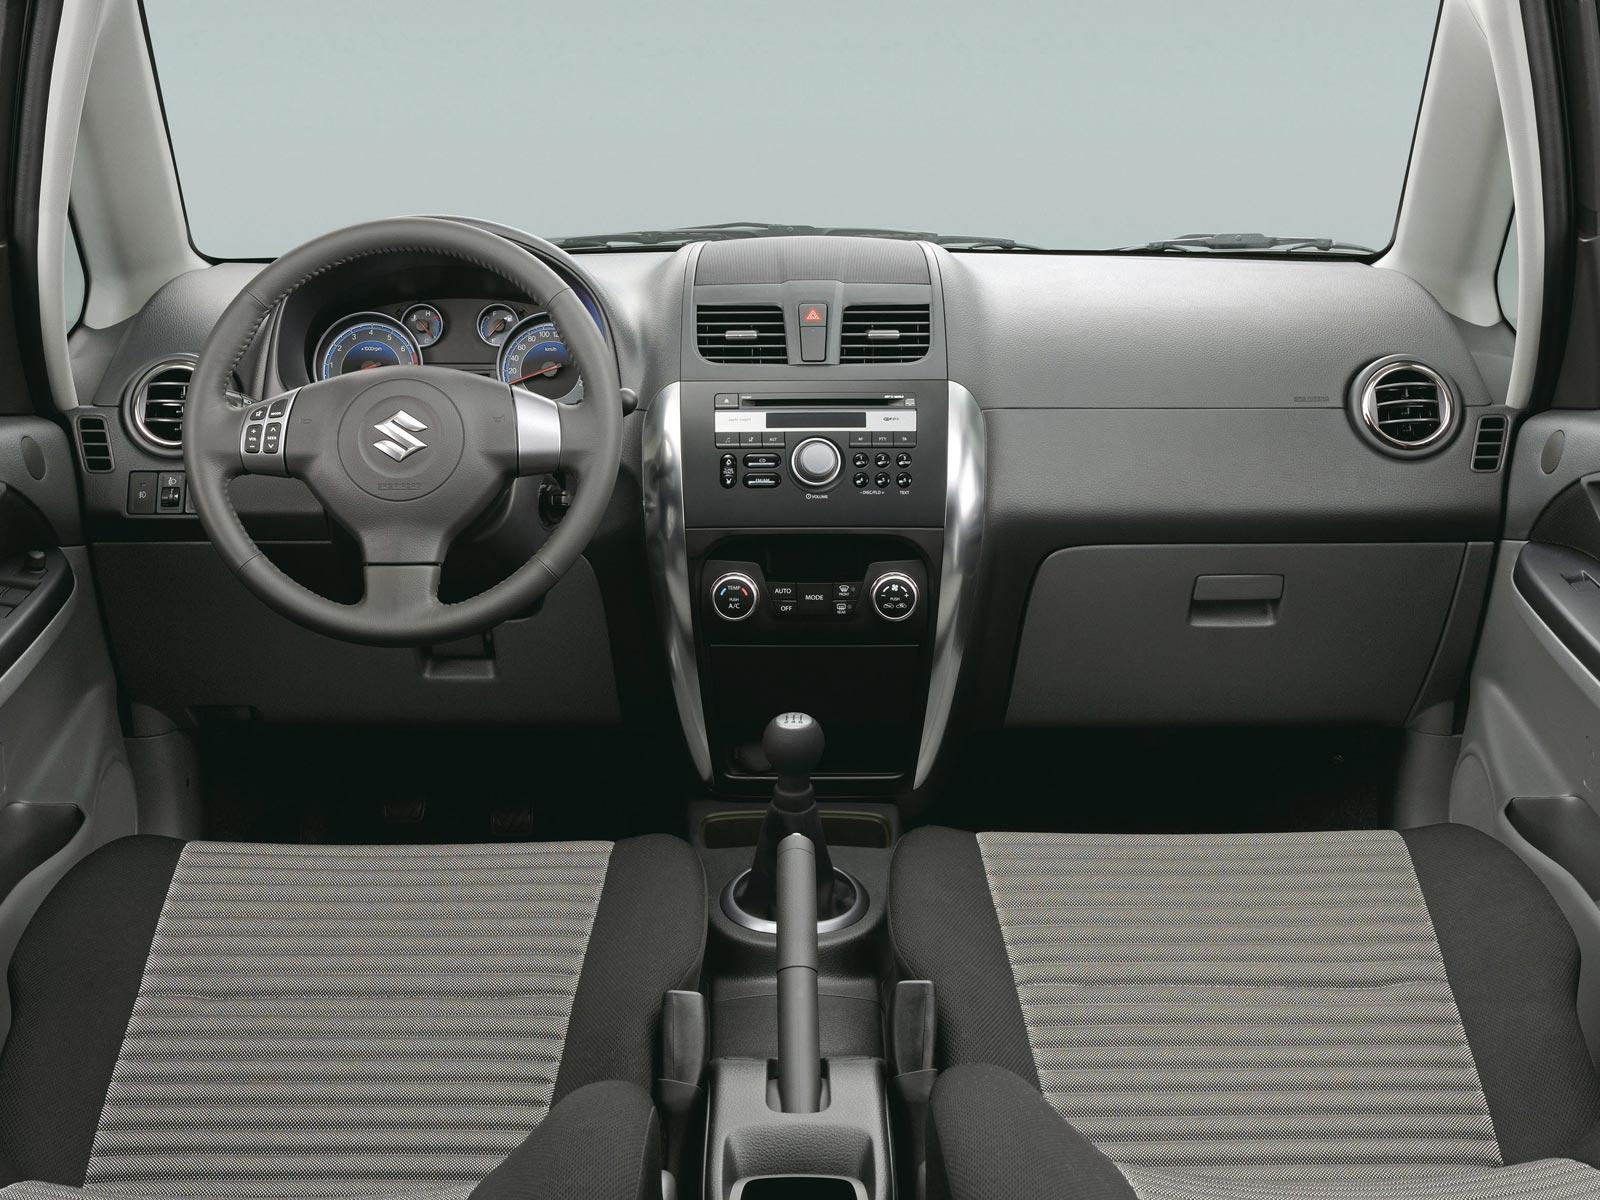 2006 Suzuki SX4 (c) Suzuki